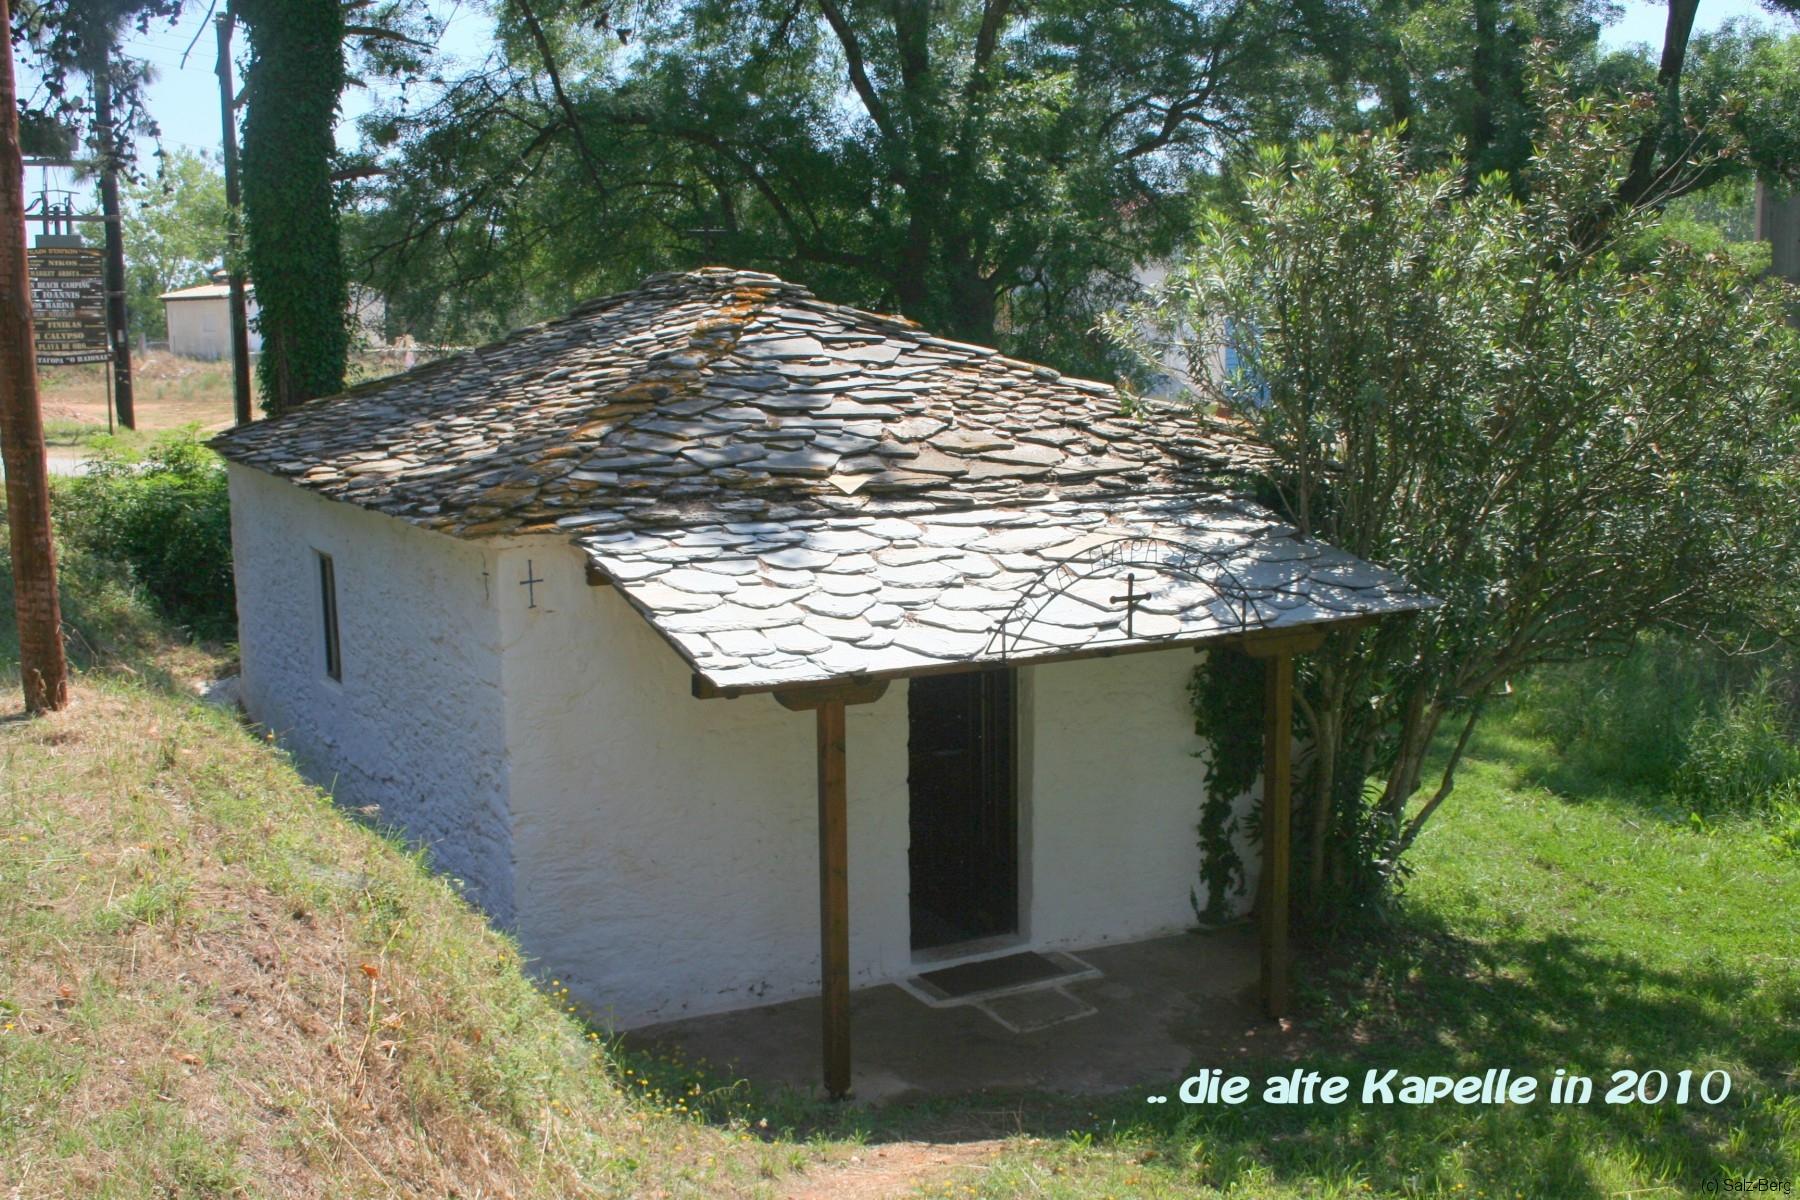 054-Kapelle2010